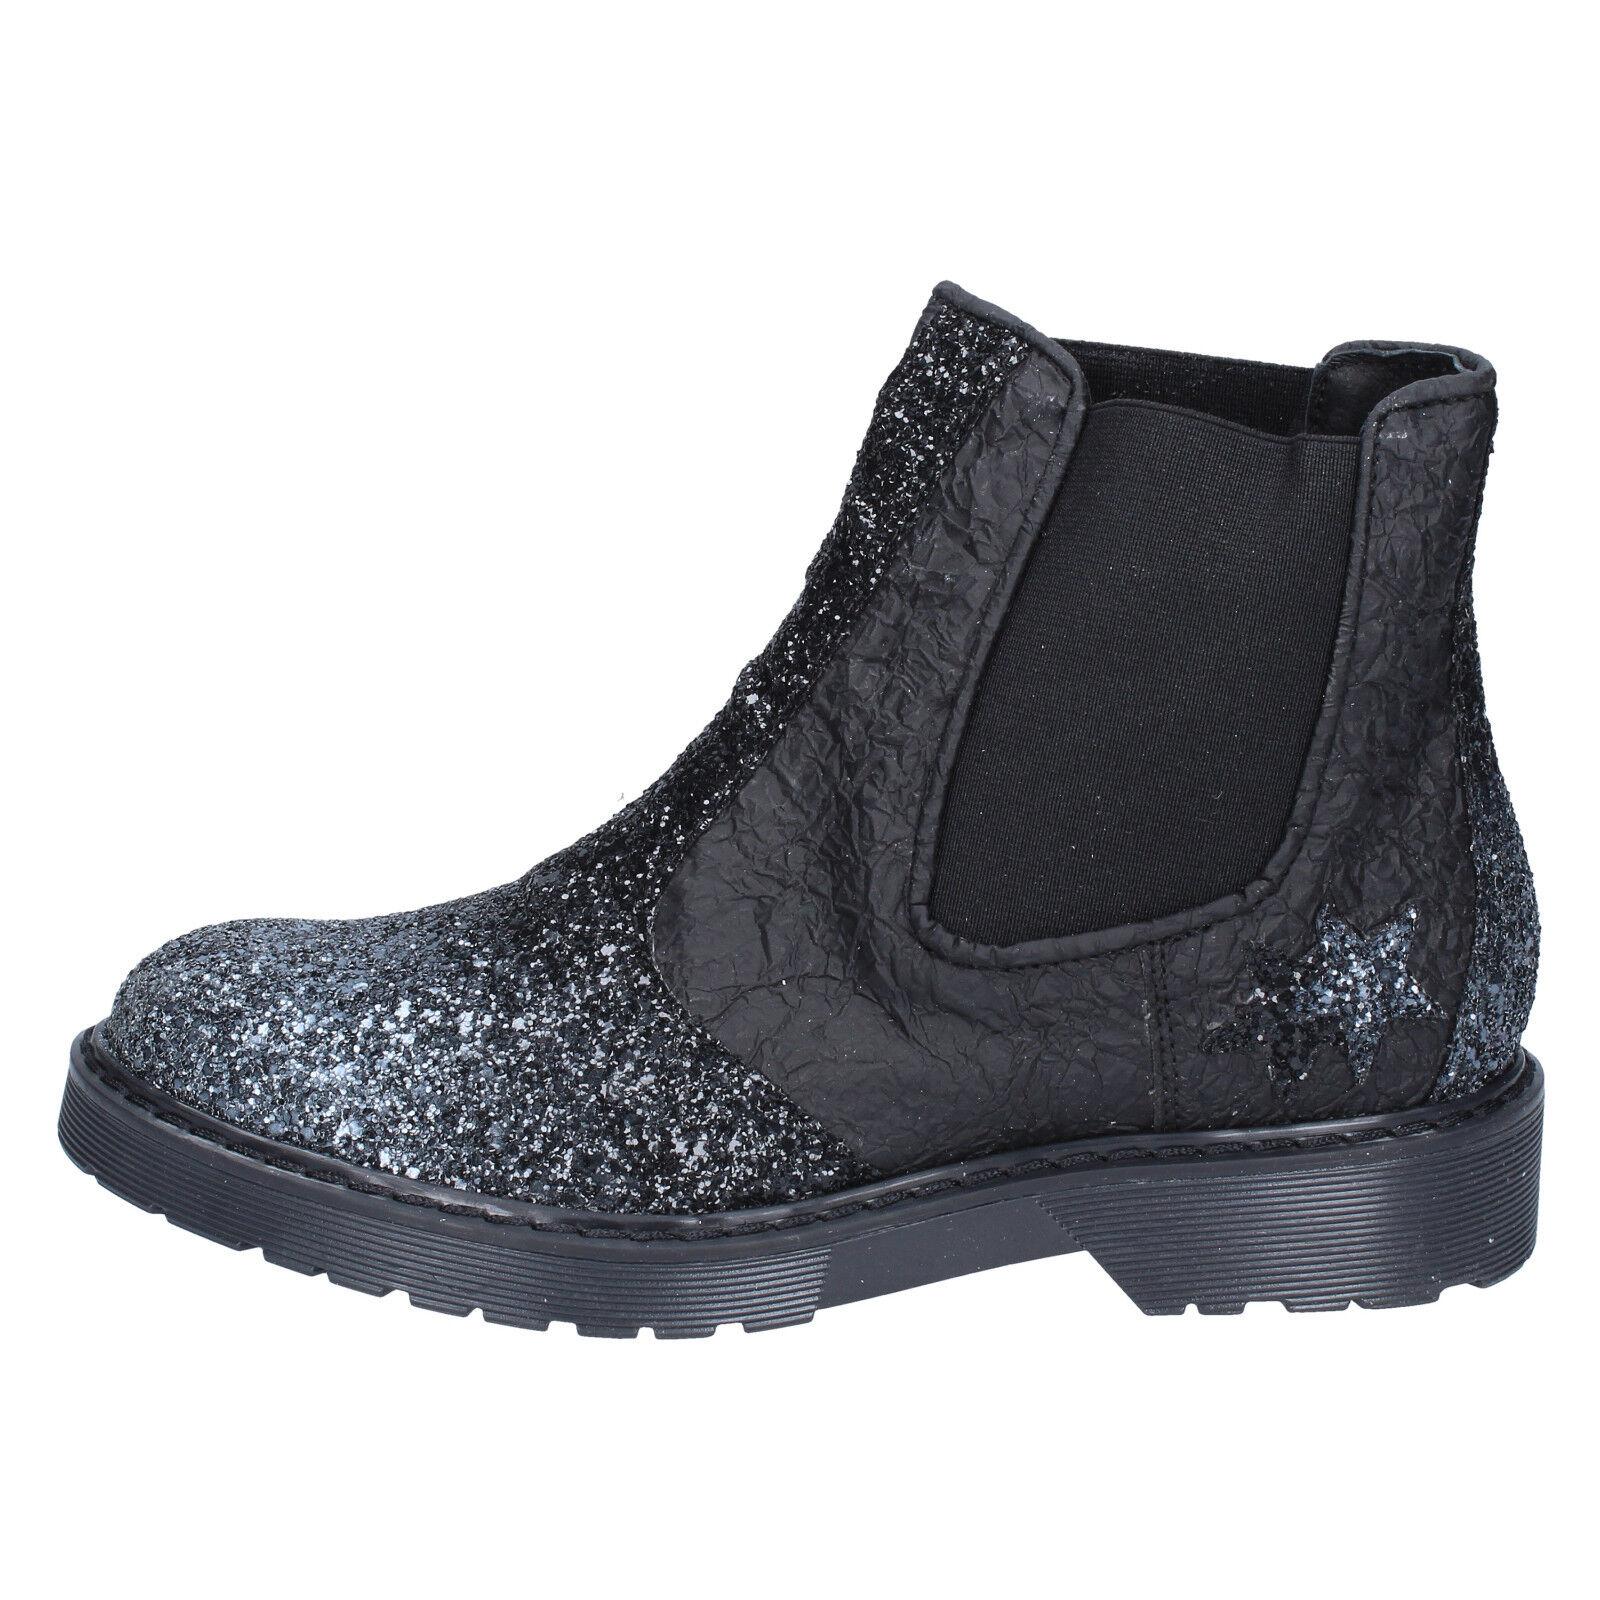 Scarpe donna 2 STAR 38 stivaletti argentooo nero glitter pelle tessuto BX374-38